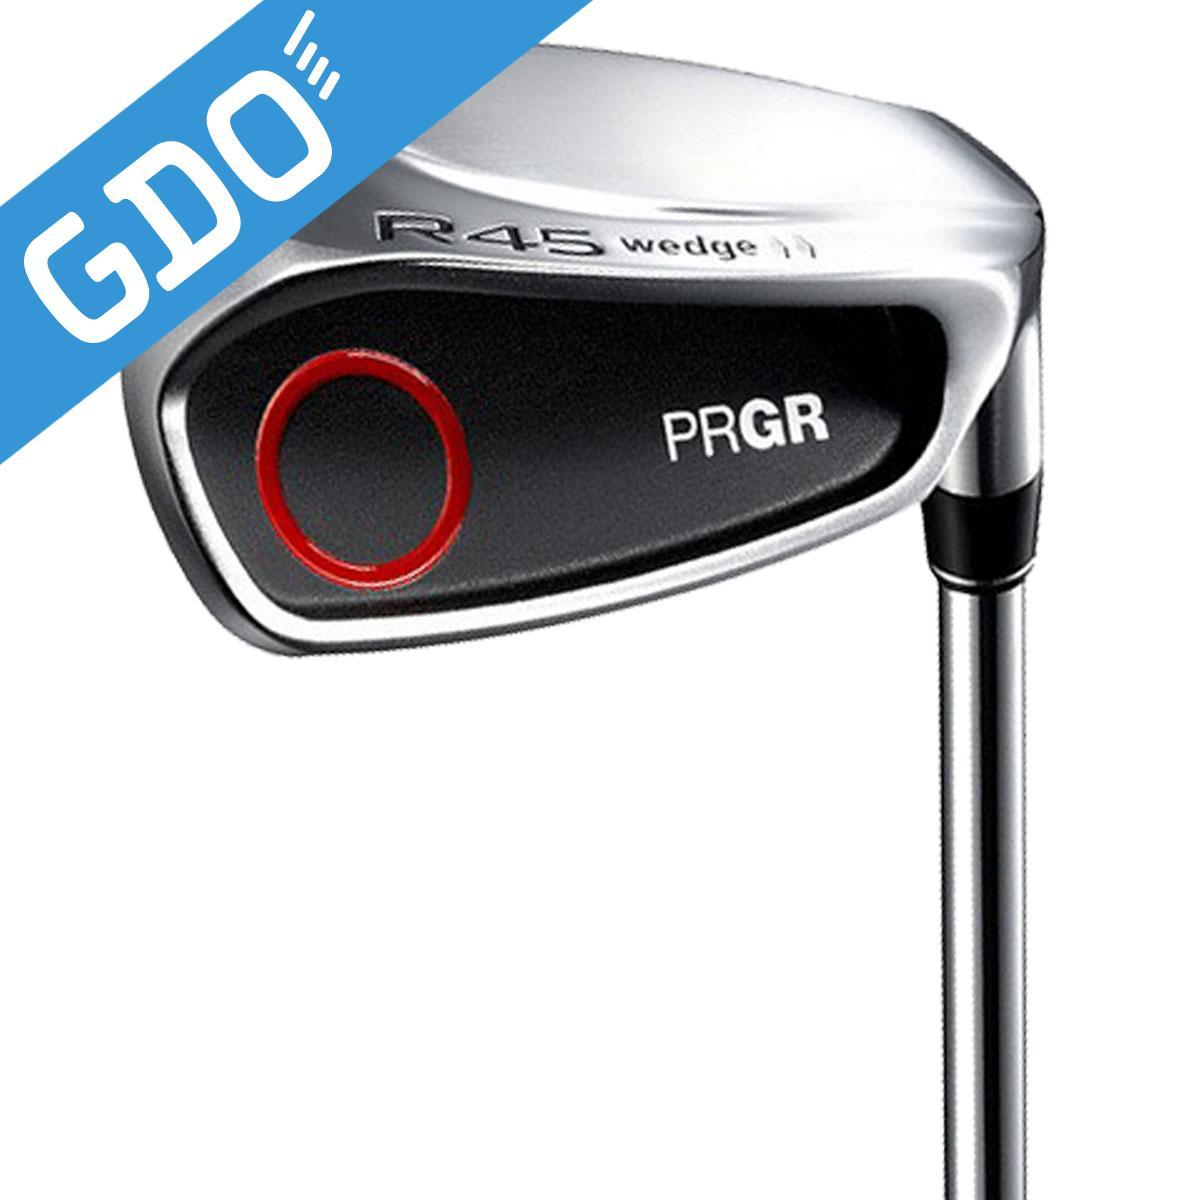 プロギア PRGR NEW R-45 ウェッジ R-45ウェッジオリジナルスチール シャフト:R-45ウェッジオリジナルスチールシャフト[ゴルフ用品 GOLF GDO ゴルフクラブ クラブ メンズ 男性用 ウェッジ ウエッジ]